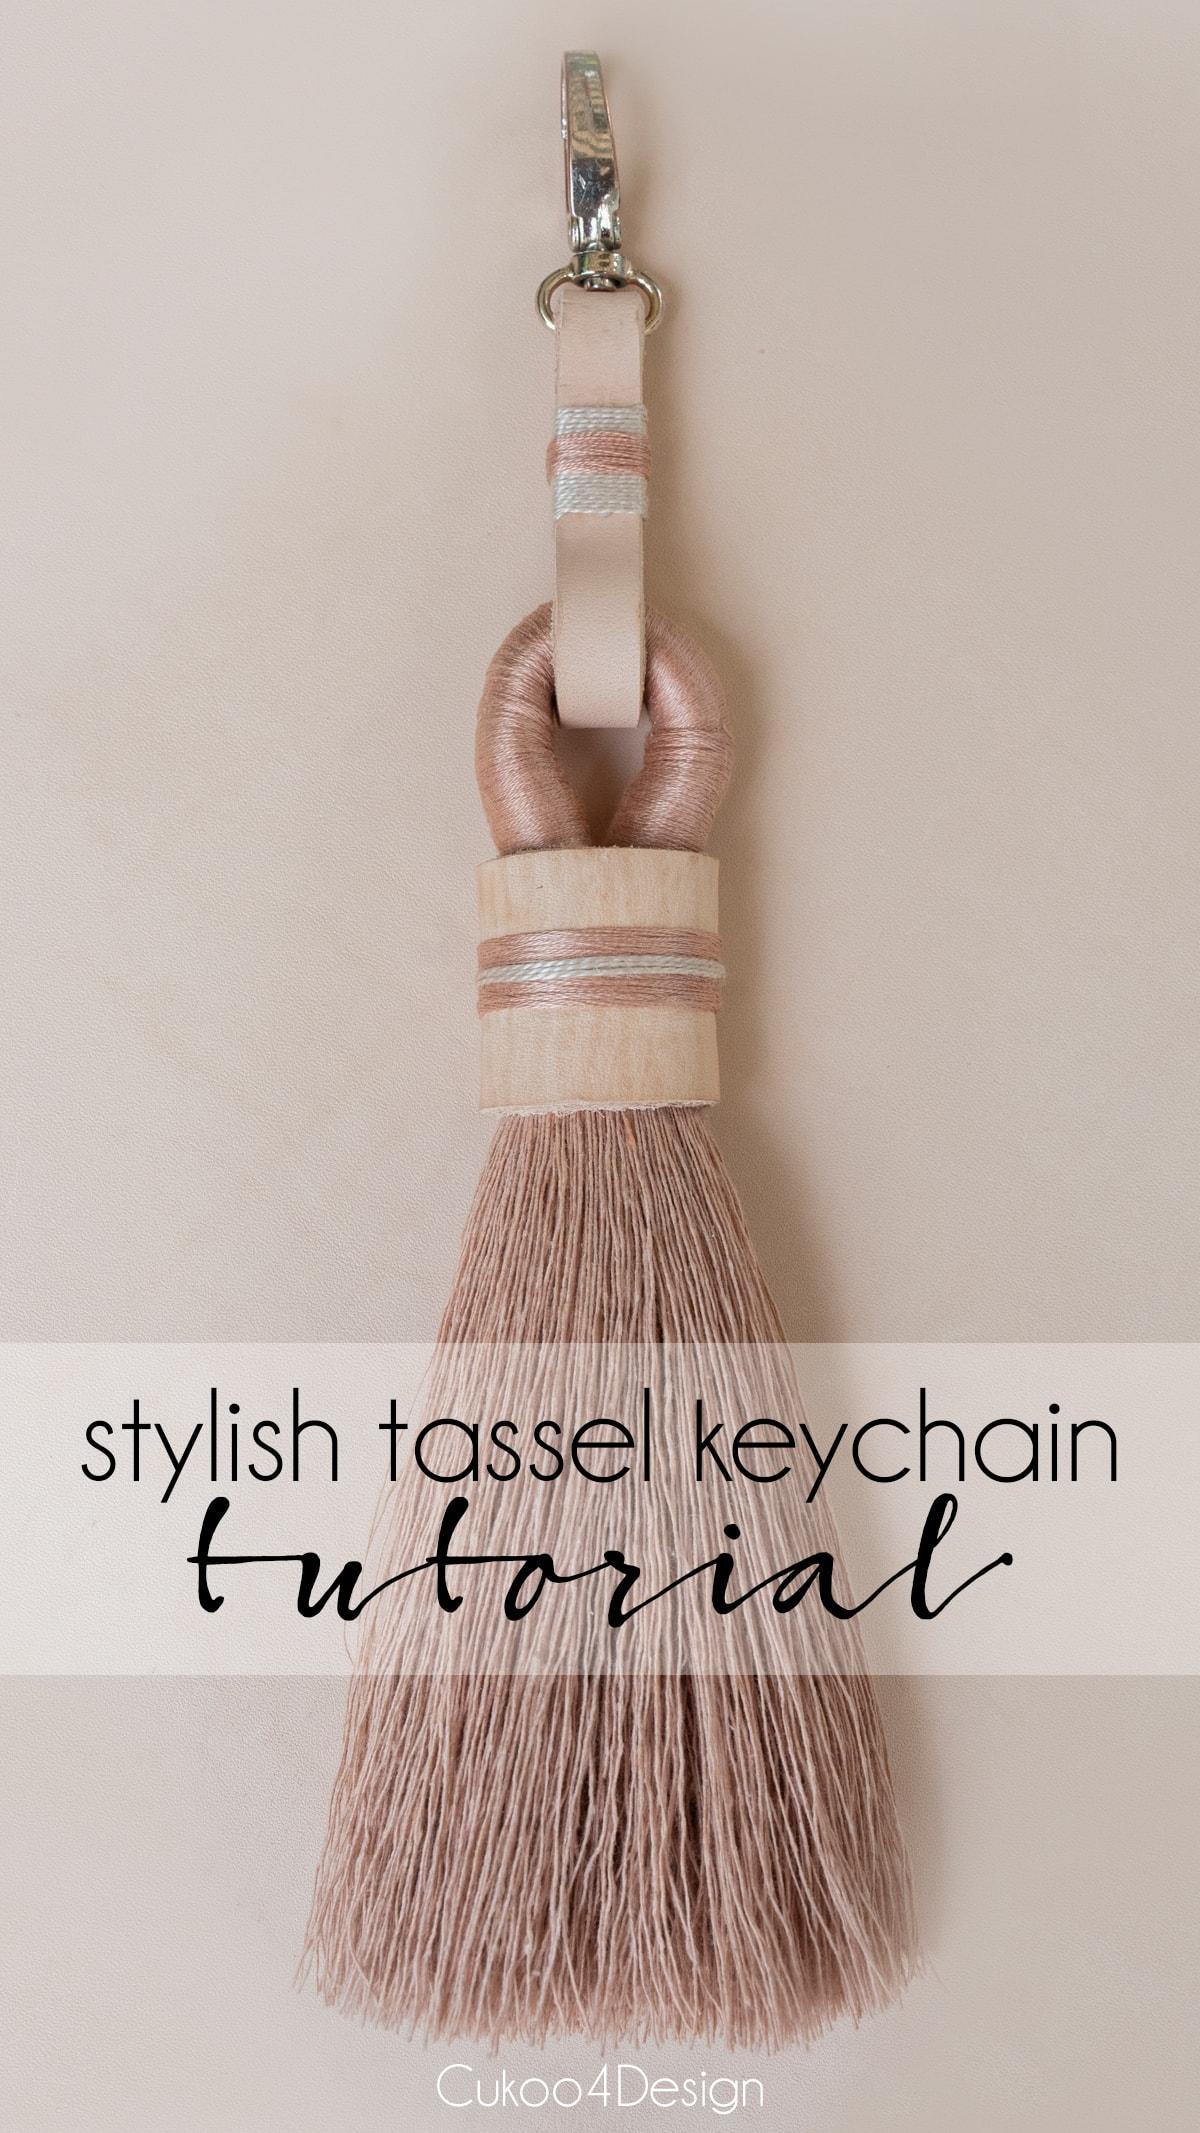 stylish tassel keychain DIY tutorial